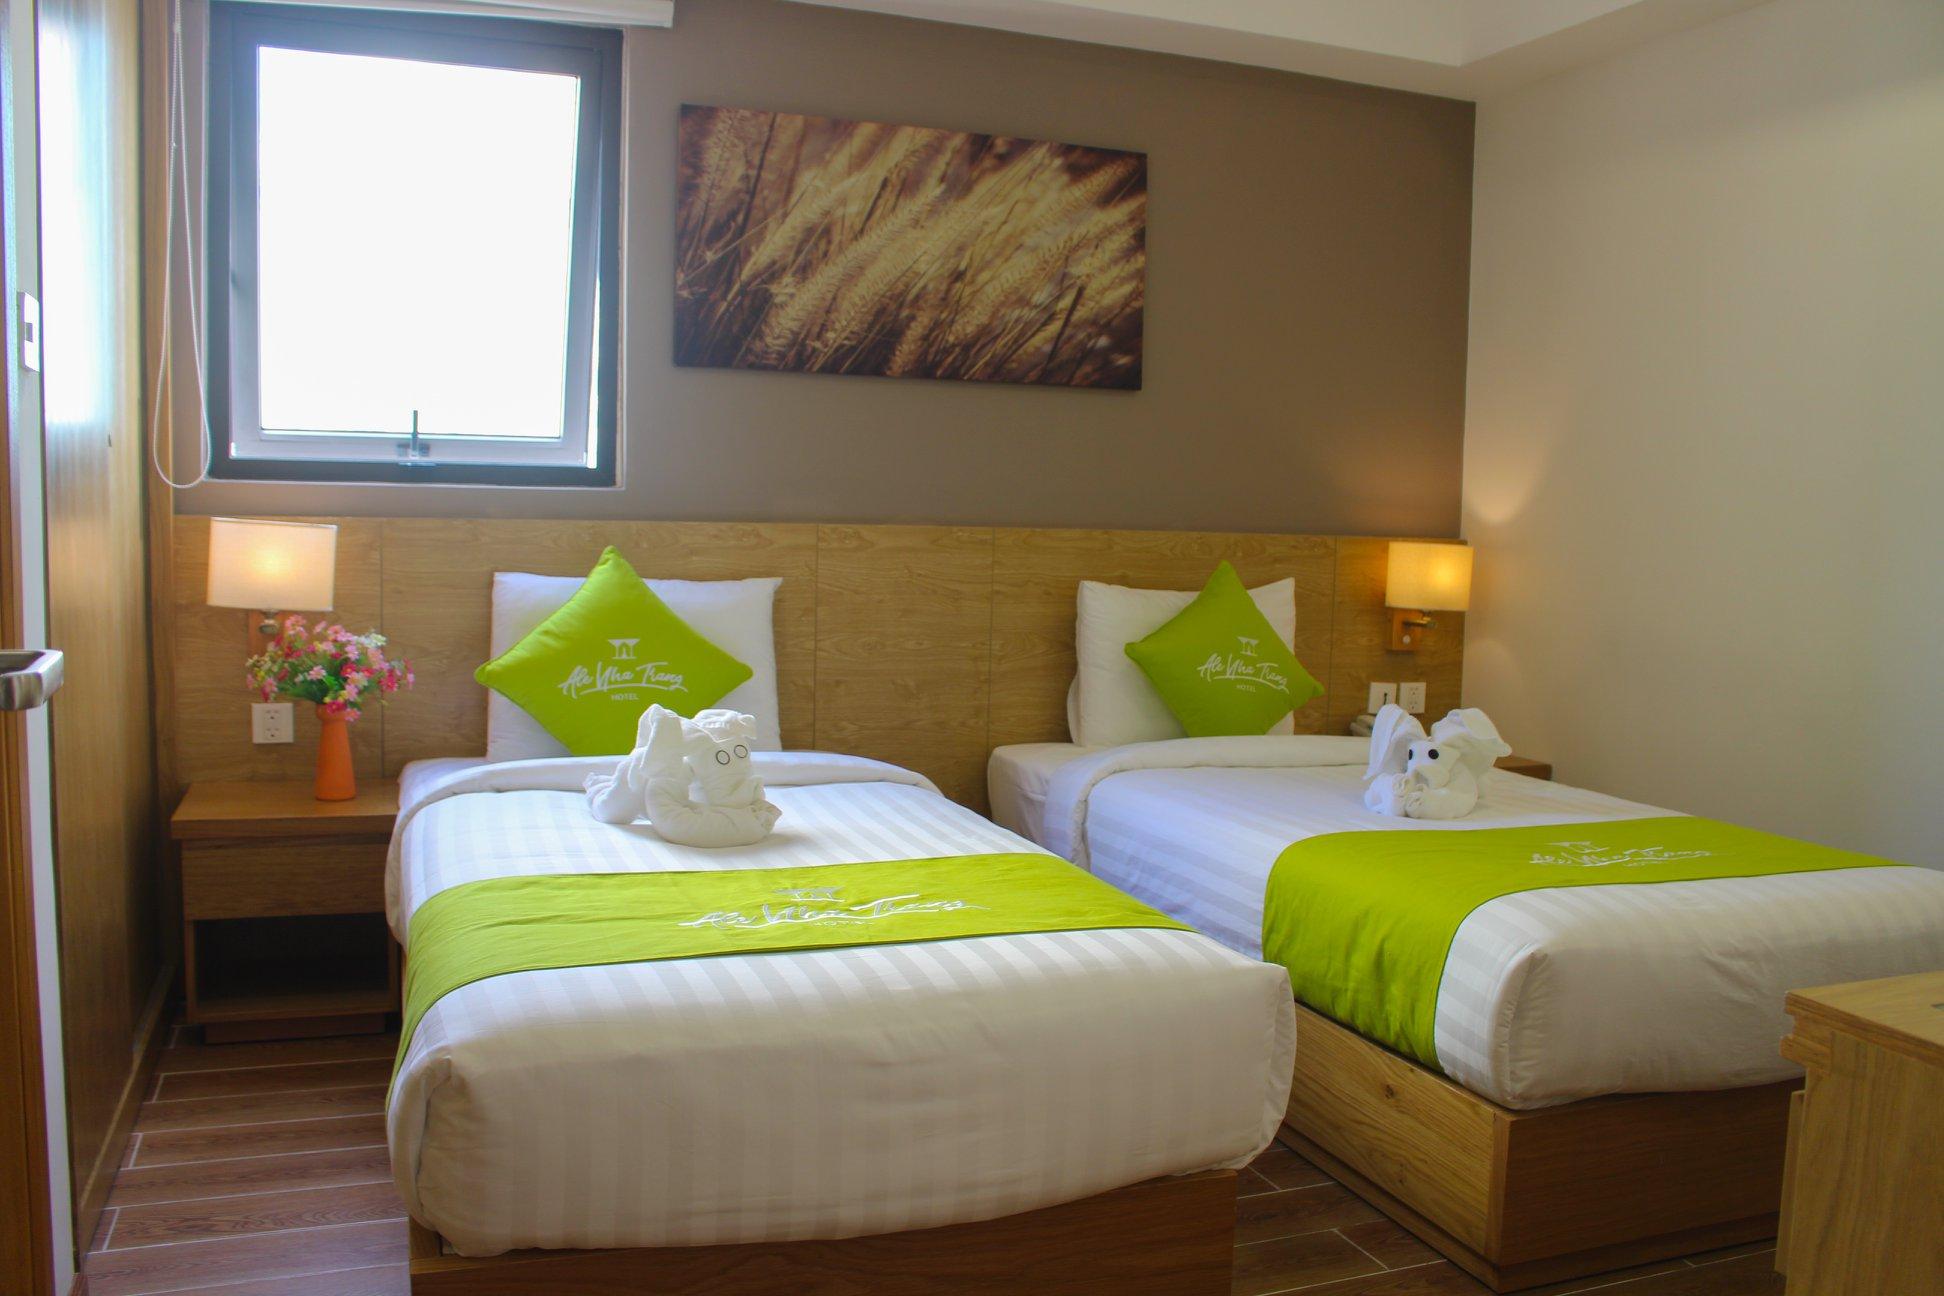 Tranh in canvas tại khách sạn Ale Nha Trang